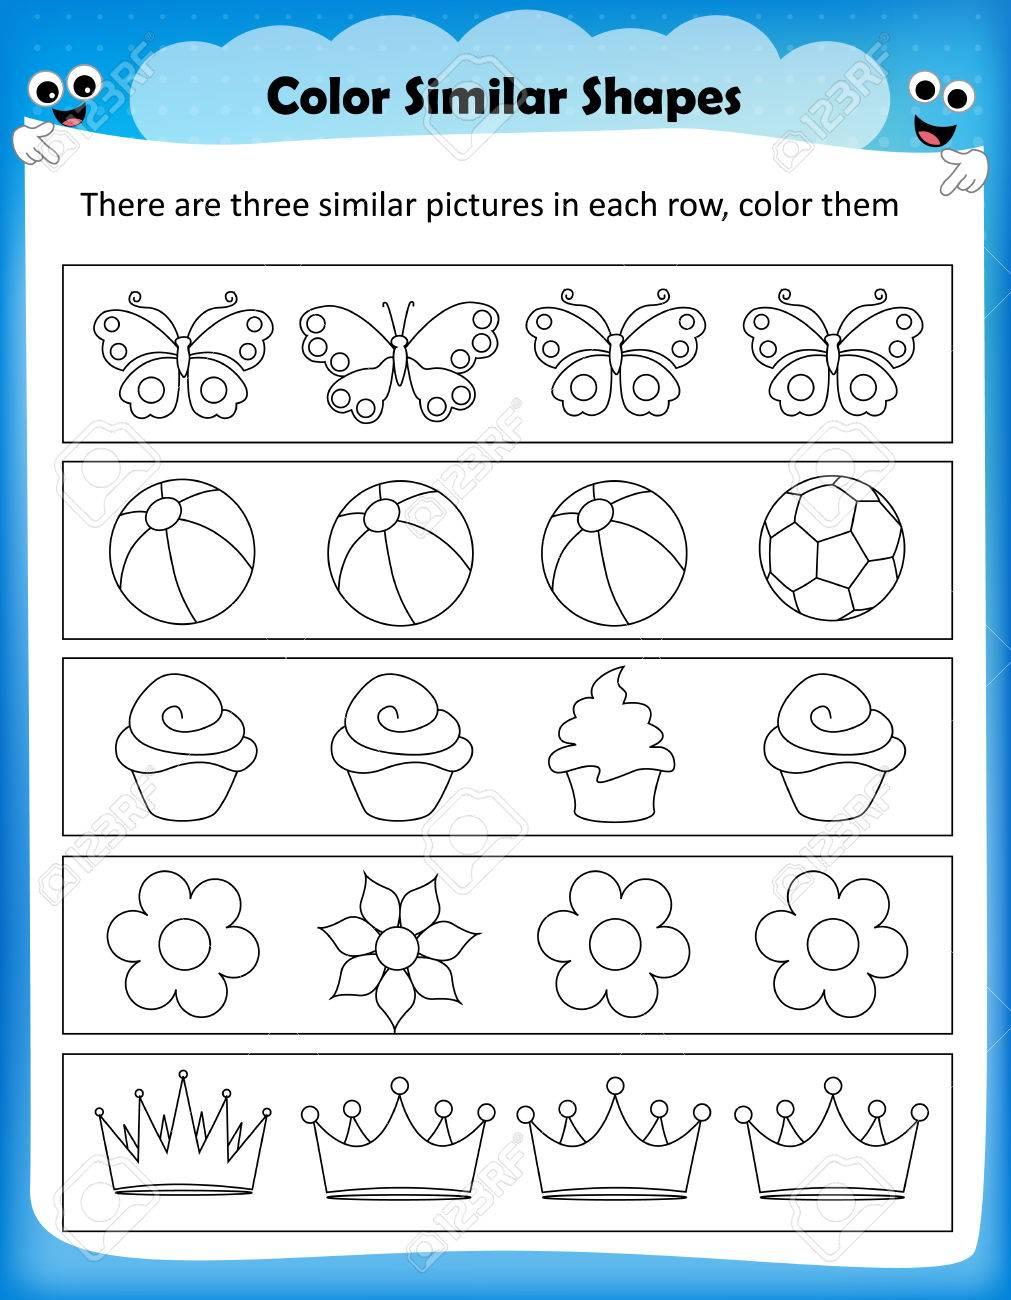 Arbeitsblatt - Farbe ähnliche Formen Kinder Arbeitsblatt Für ...